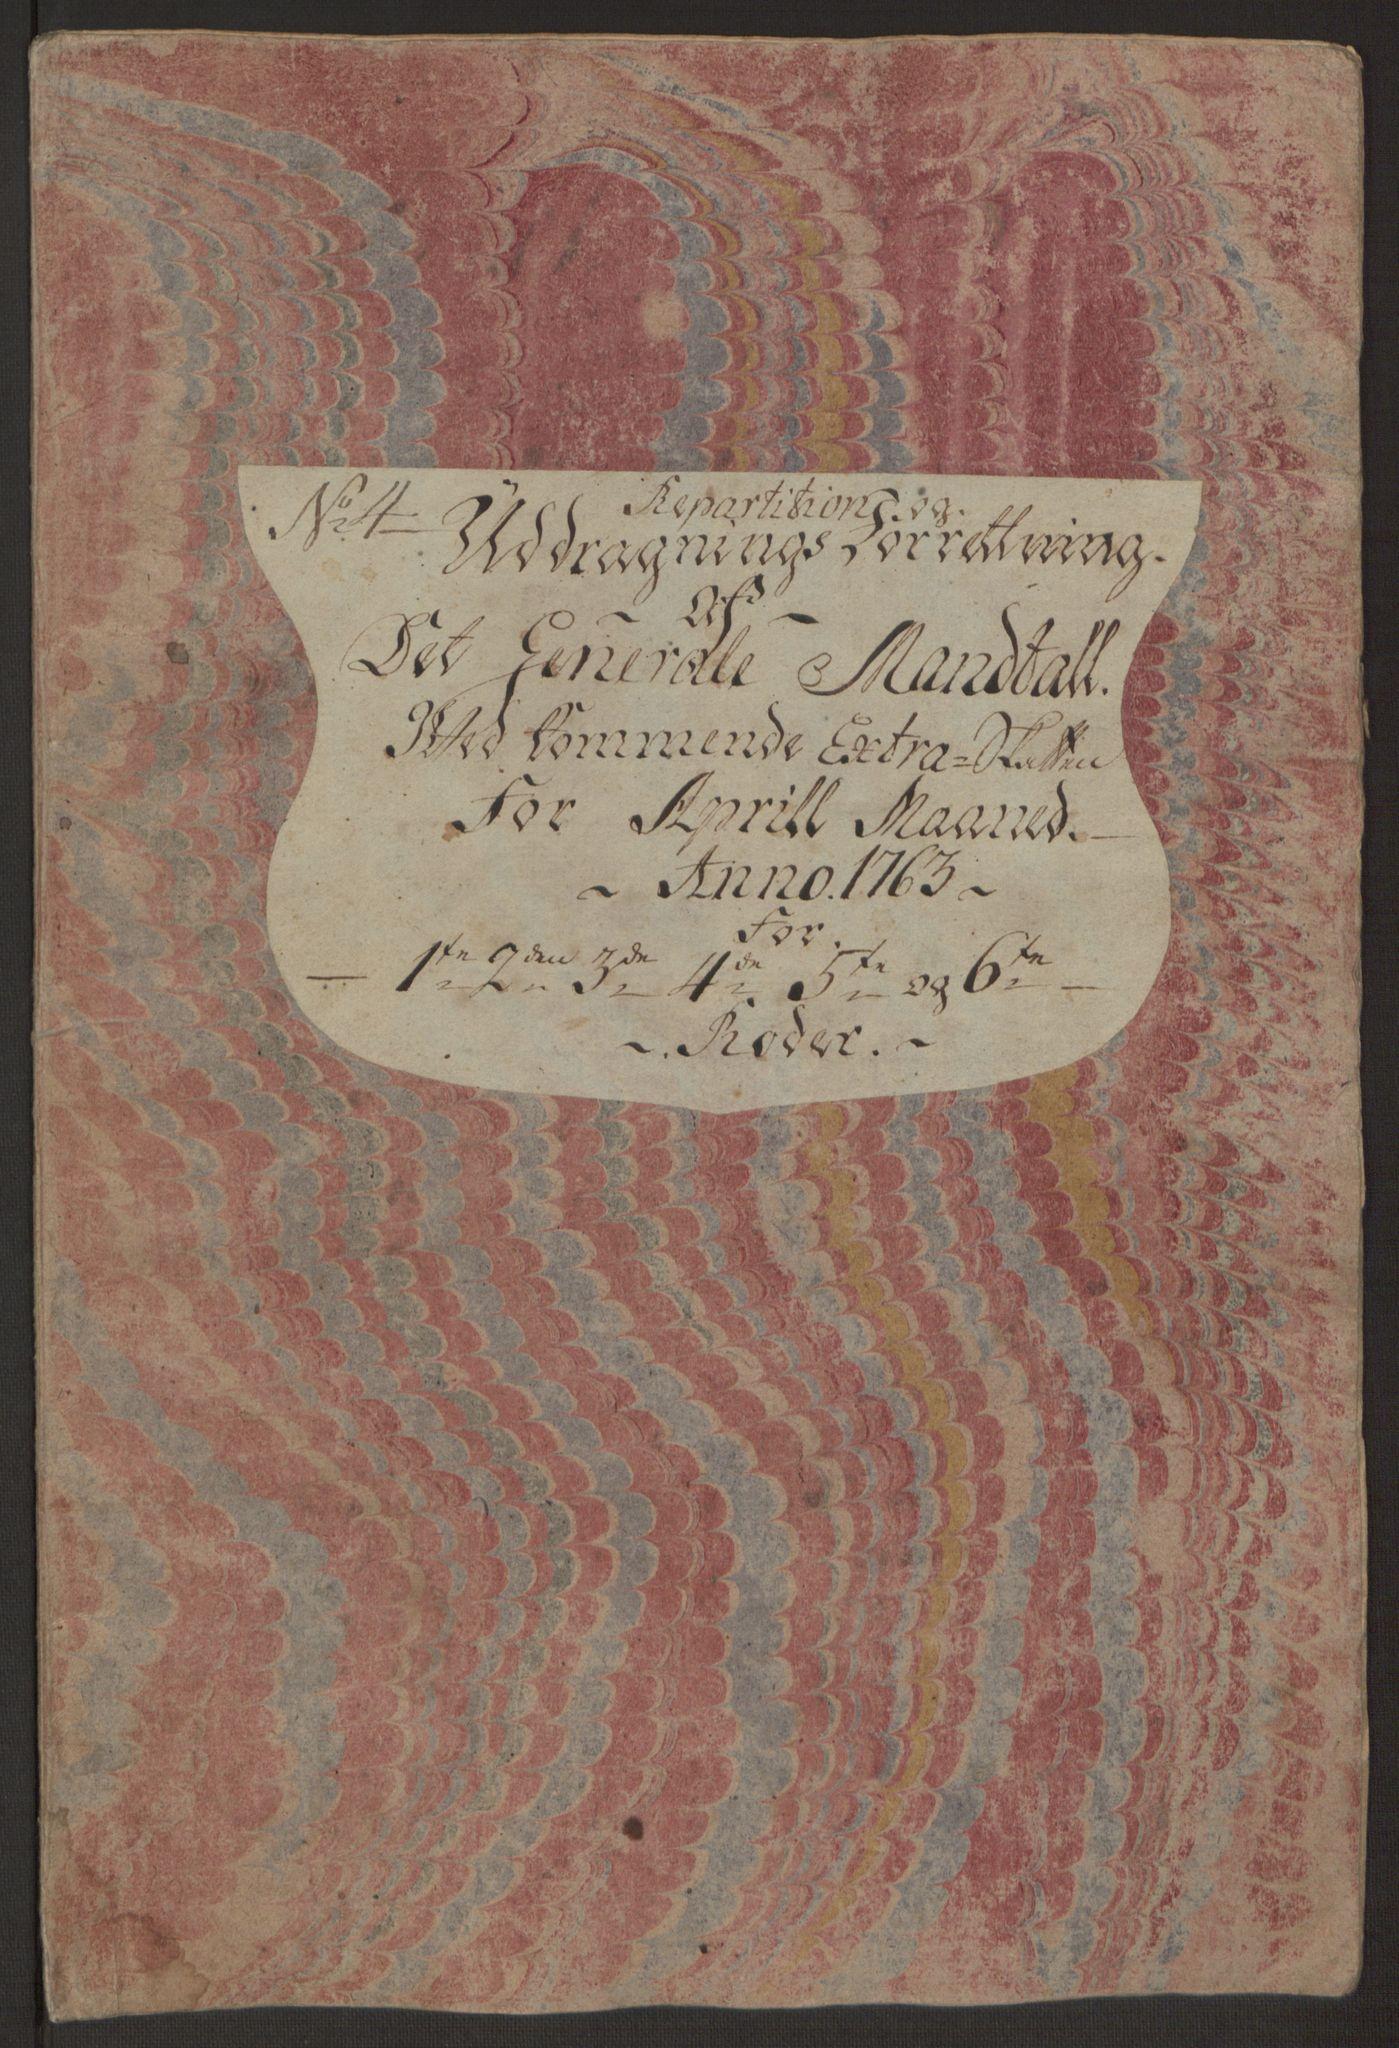 RA, Rentekammeret inntil 1814, Reviderte regnskaper, Byregnskaper, R/Rp/L0366: [P20] Kontribusjonsregnskap, 1763, s. 197